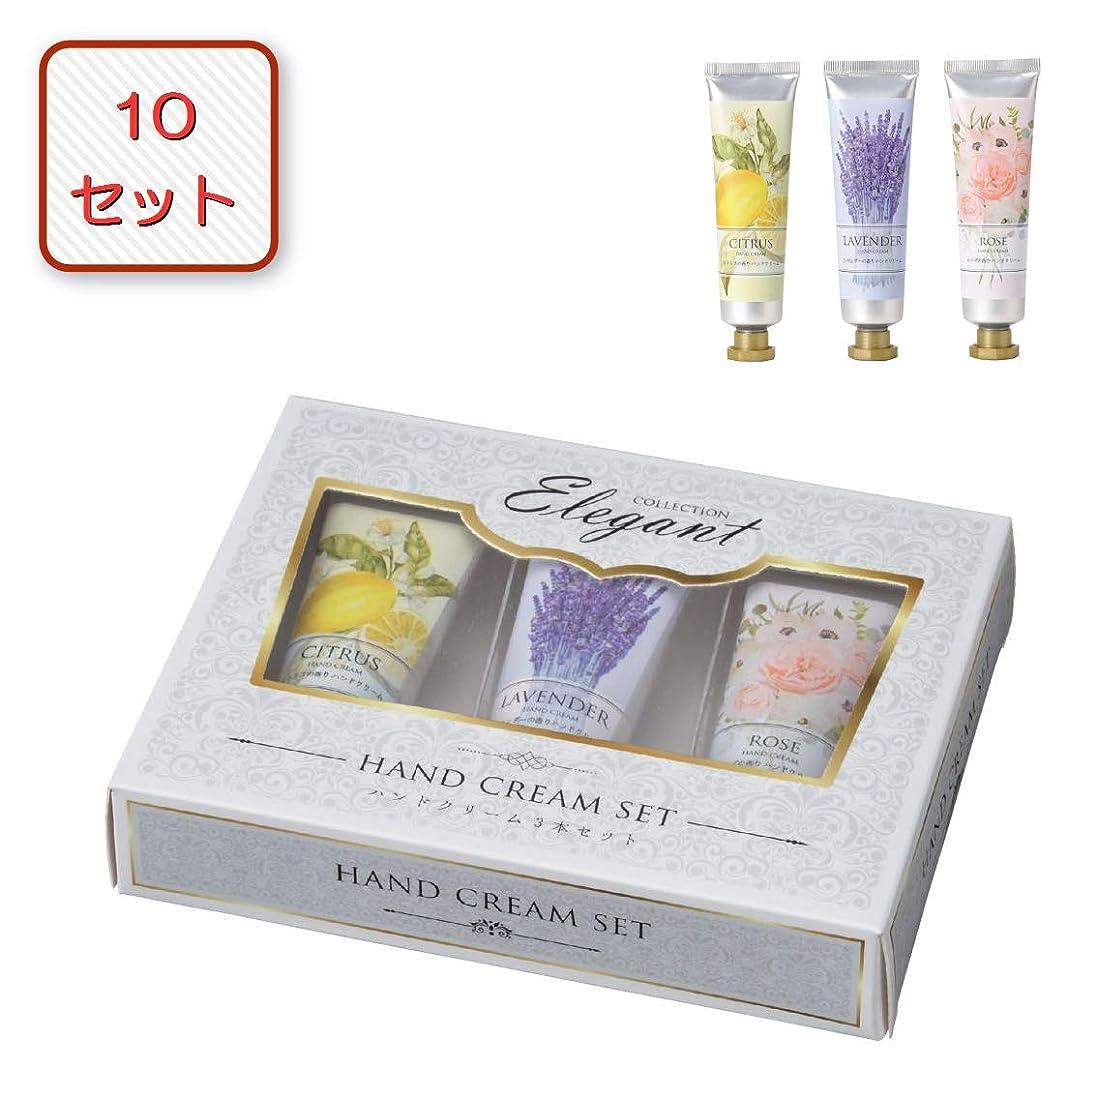 懇願する責任者みぞれ【10セット販売】エレガントなフレーバーが香る保湿ハンドクリーム3本セット